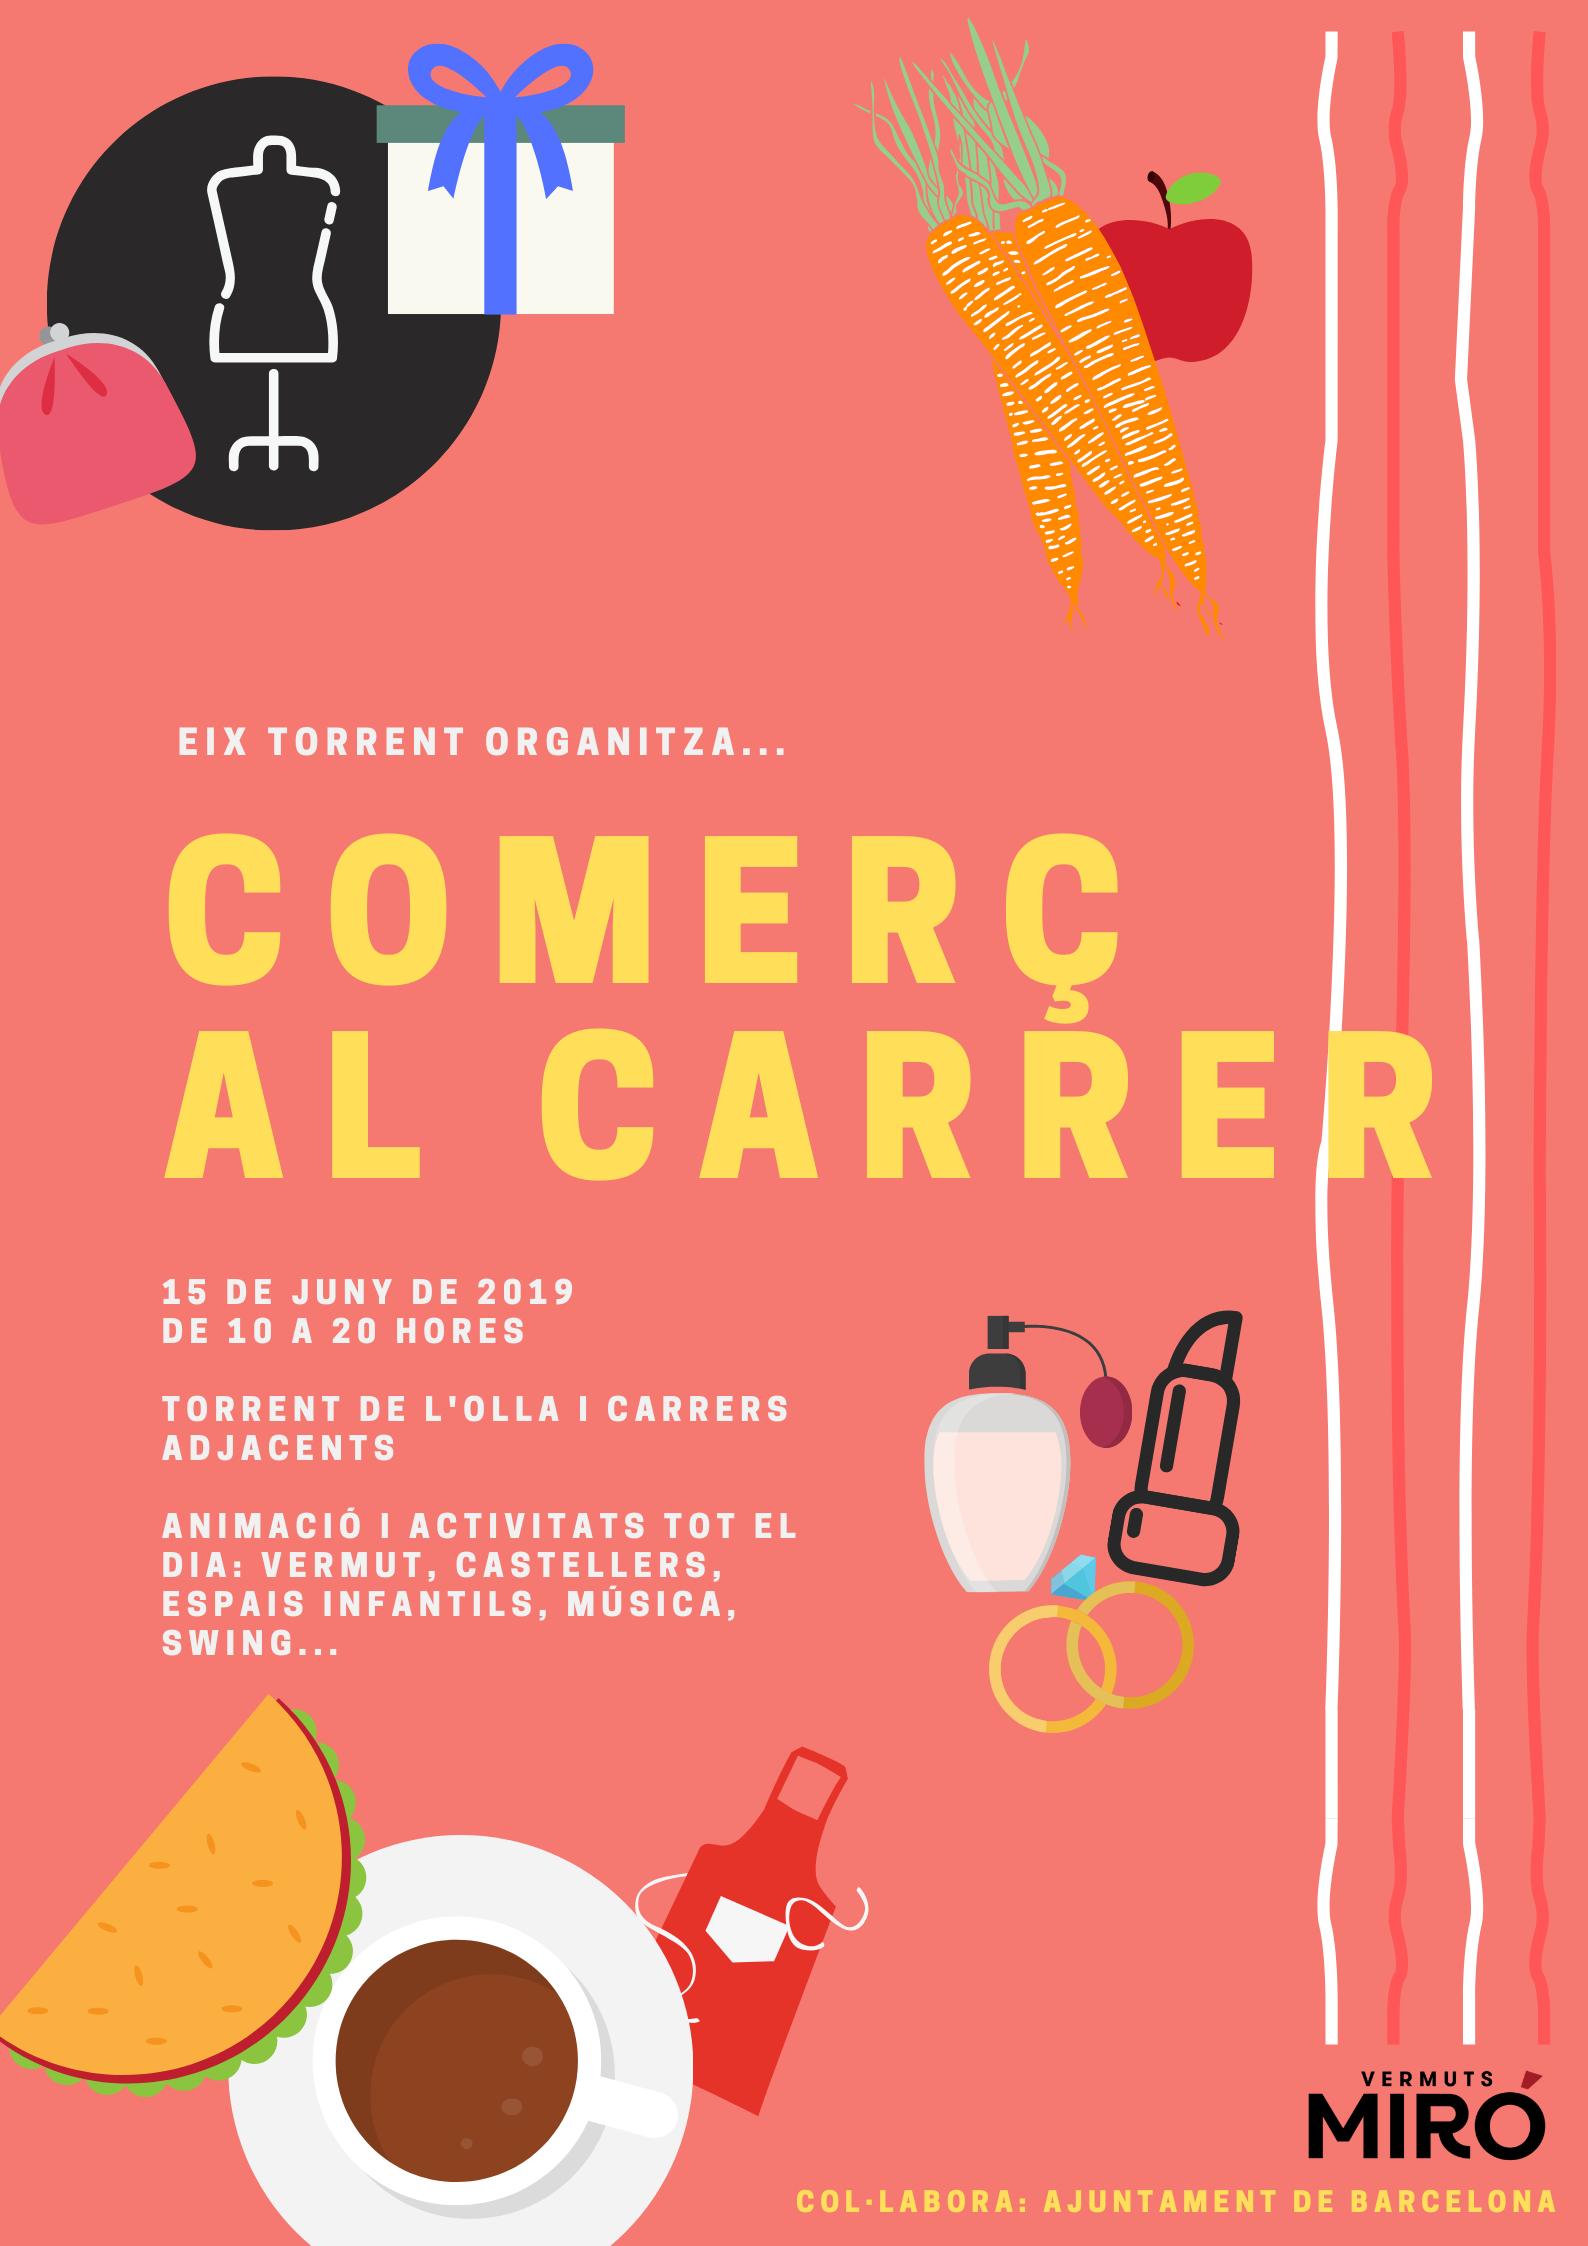 Swing a la Festa del Comerç al Carrer d'Eix Torrent!